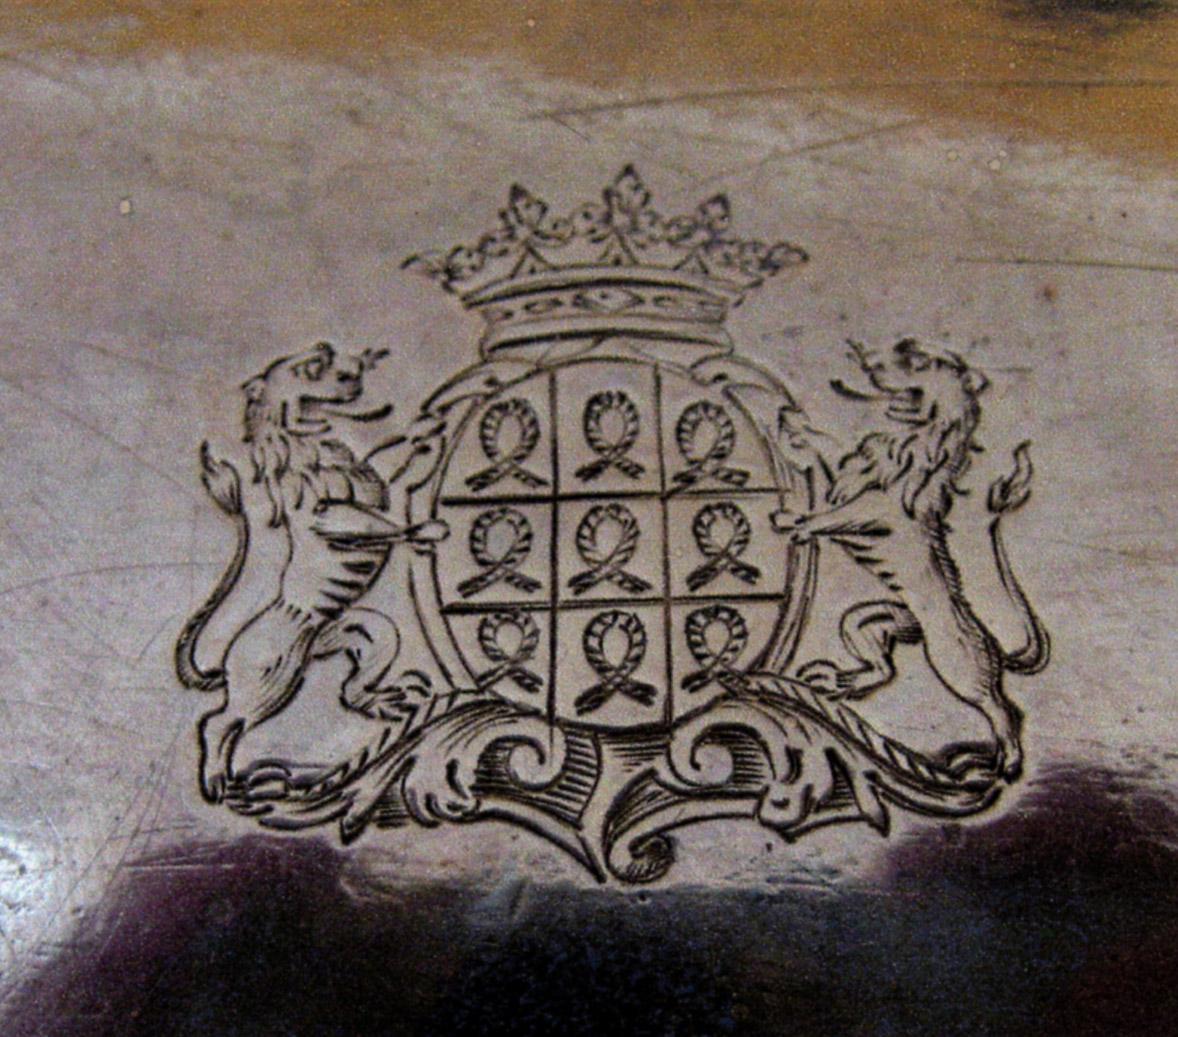 armes-avec-couronne-de-duc-sur-huillier-roquefeuil-1768-maitre-bazille-orfevre-a-montpellier